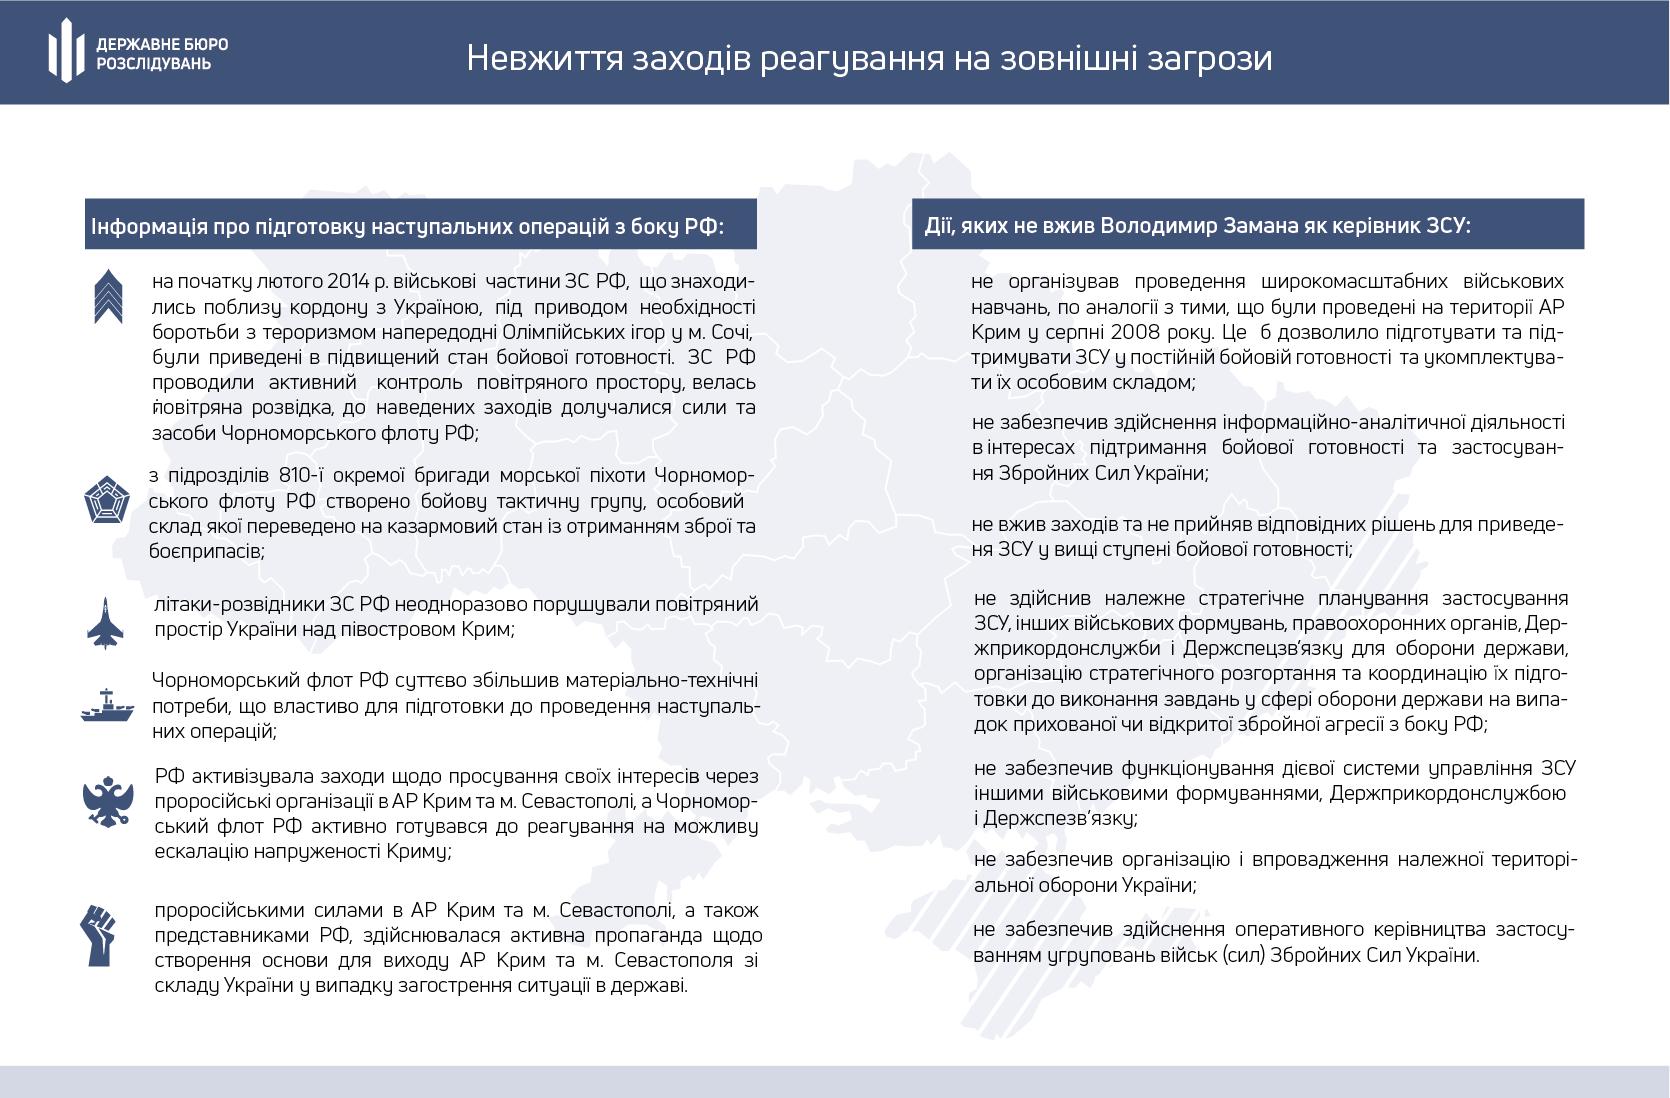 В Україні назвали причини та умови окупації Криму